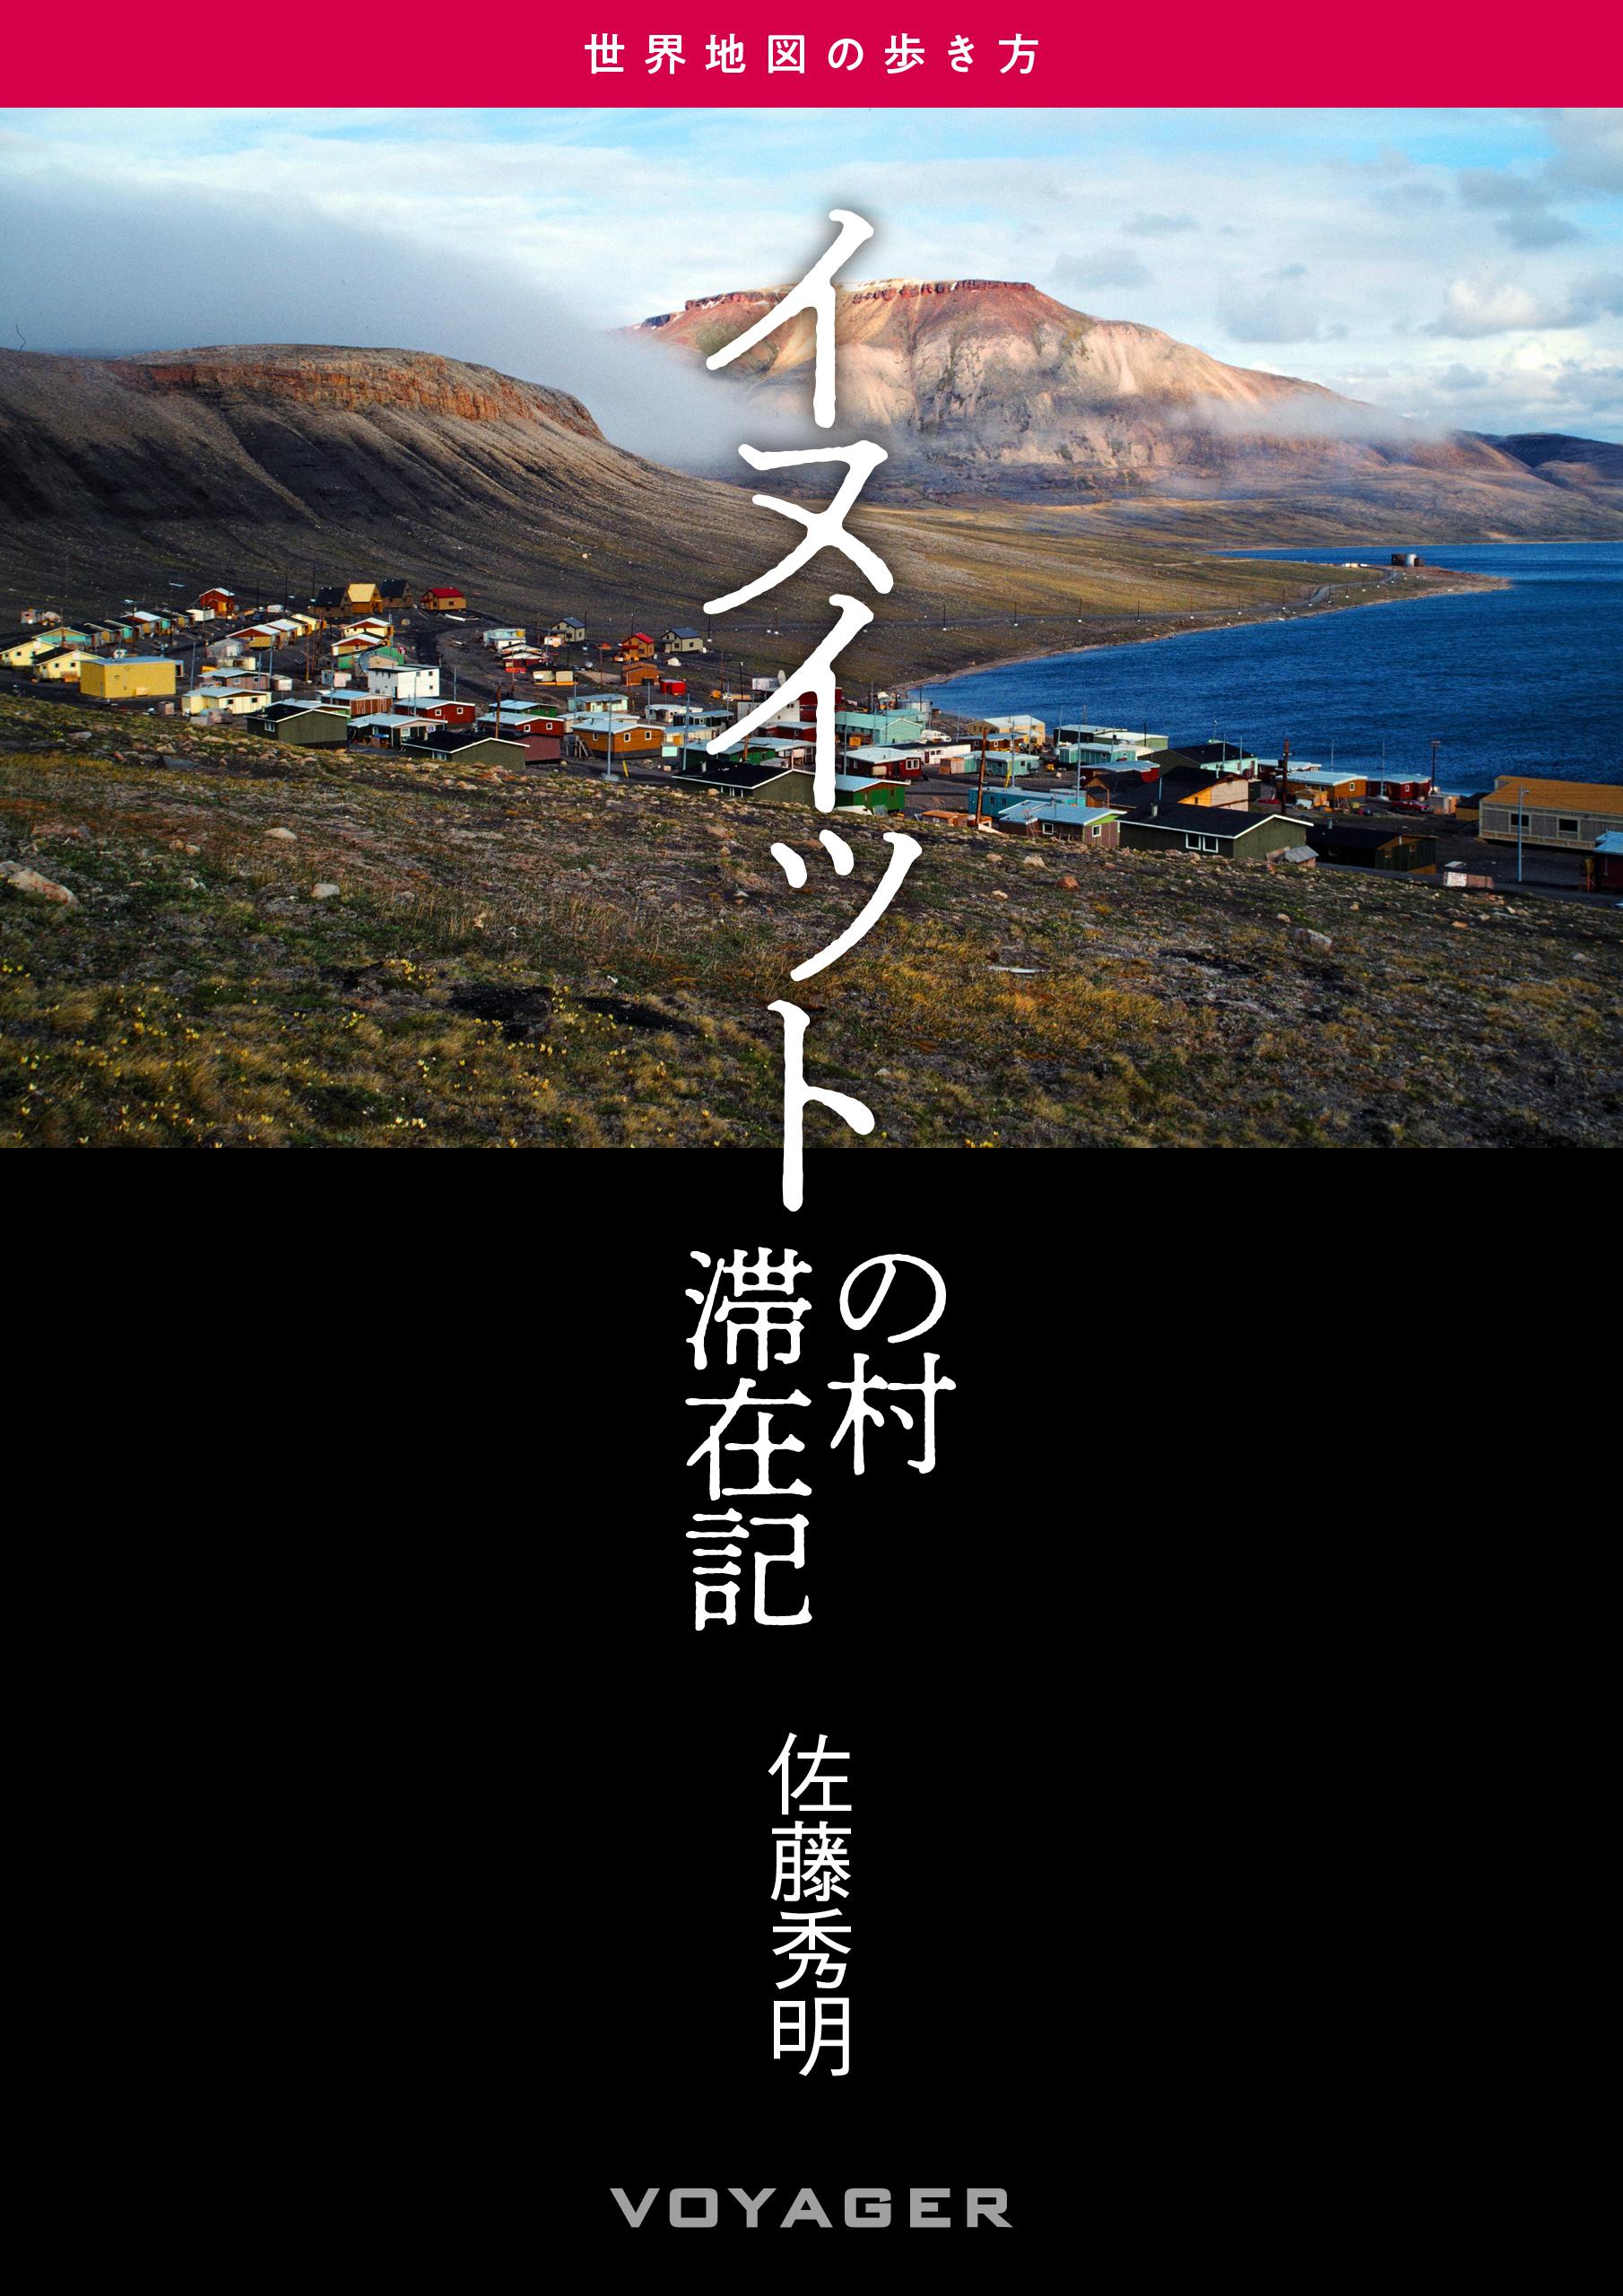 第34回『イヌイットの村 滞在記』